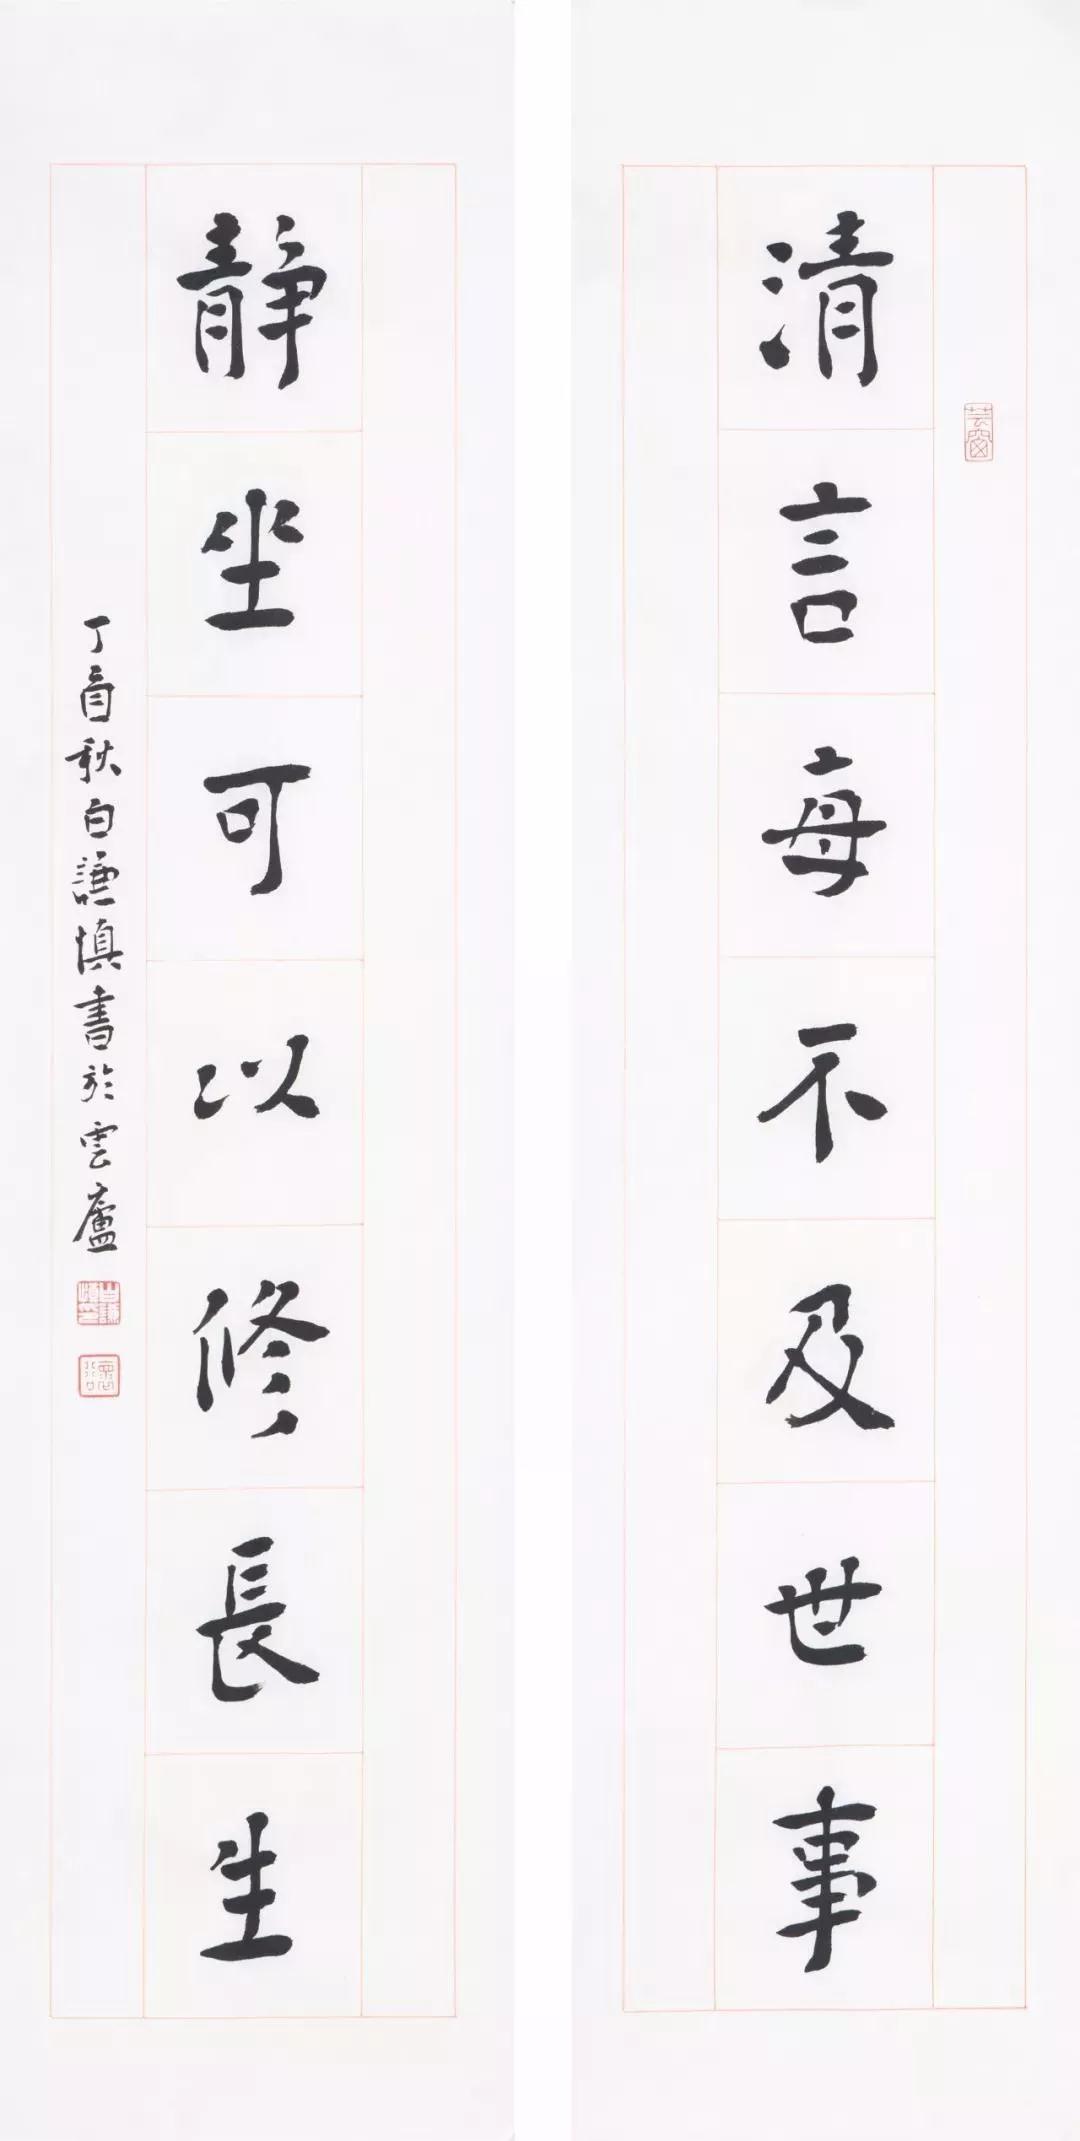 白谦慎  清言 静坐 七言联  69 x 34.5cm  纸本  2017